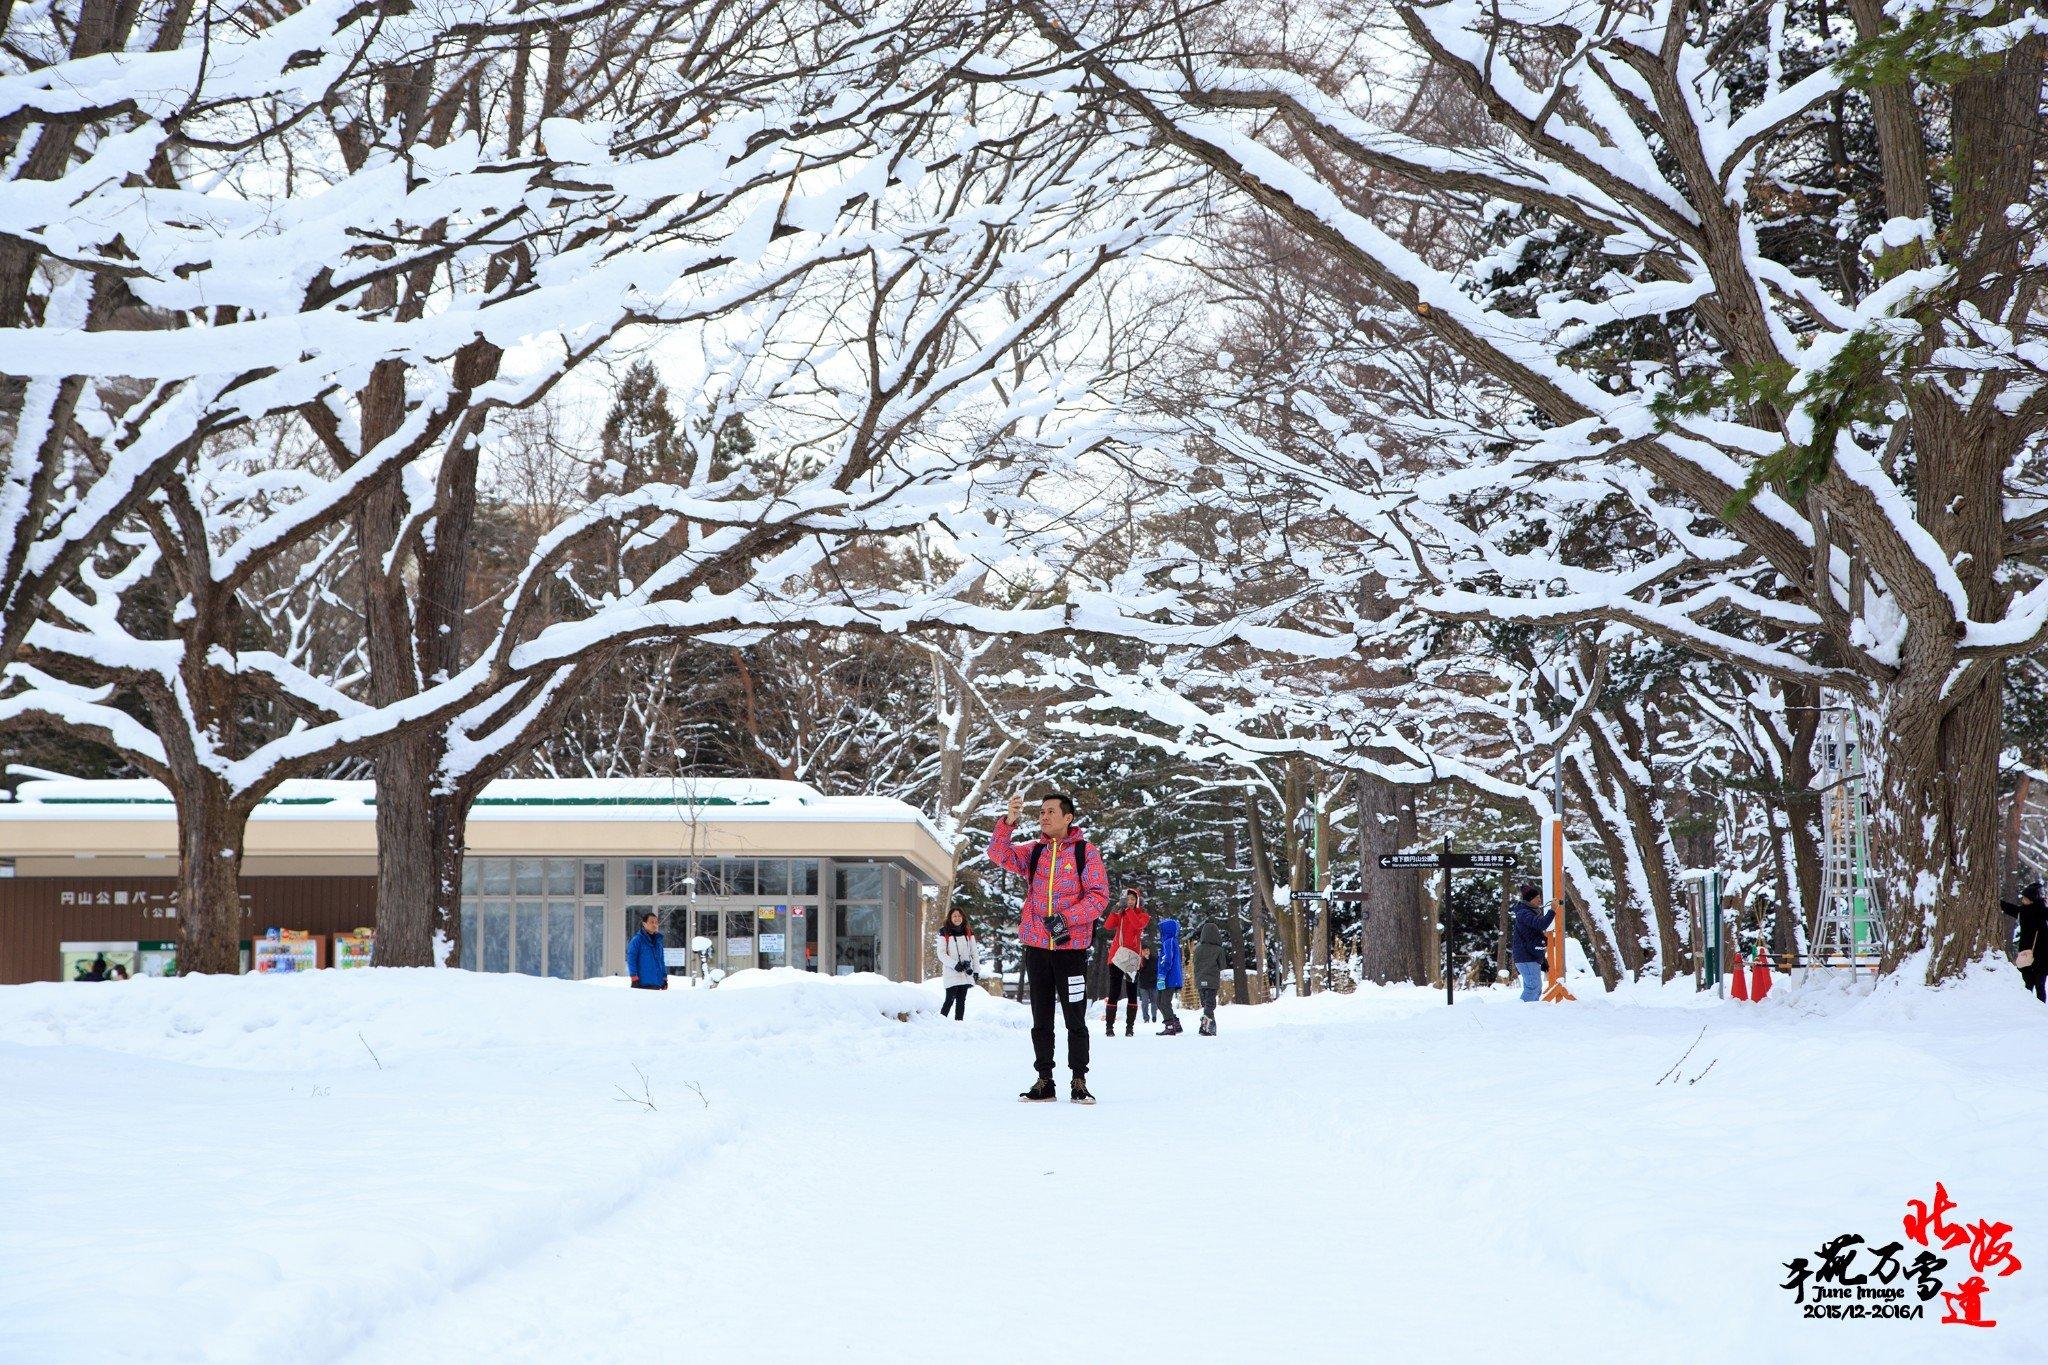 千花万雪北海道】小樽、札幌、洞爷、大沼、函假期一日游攻略图片